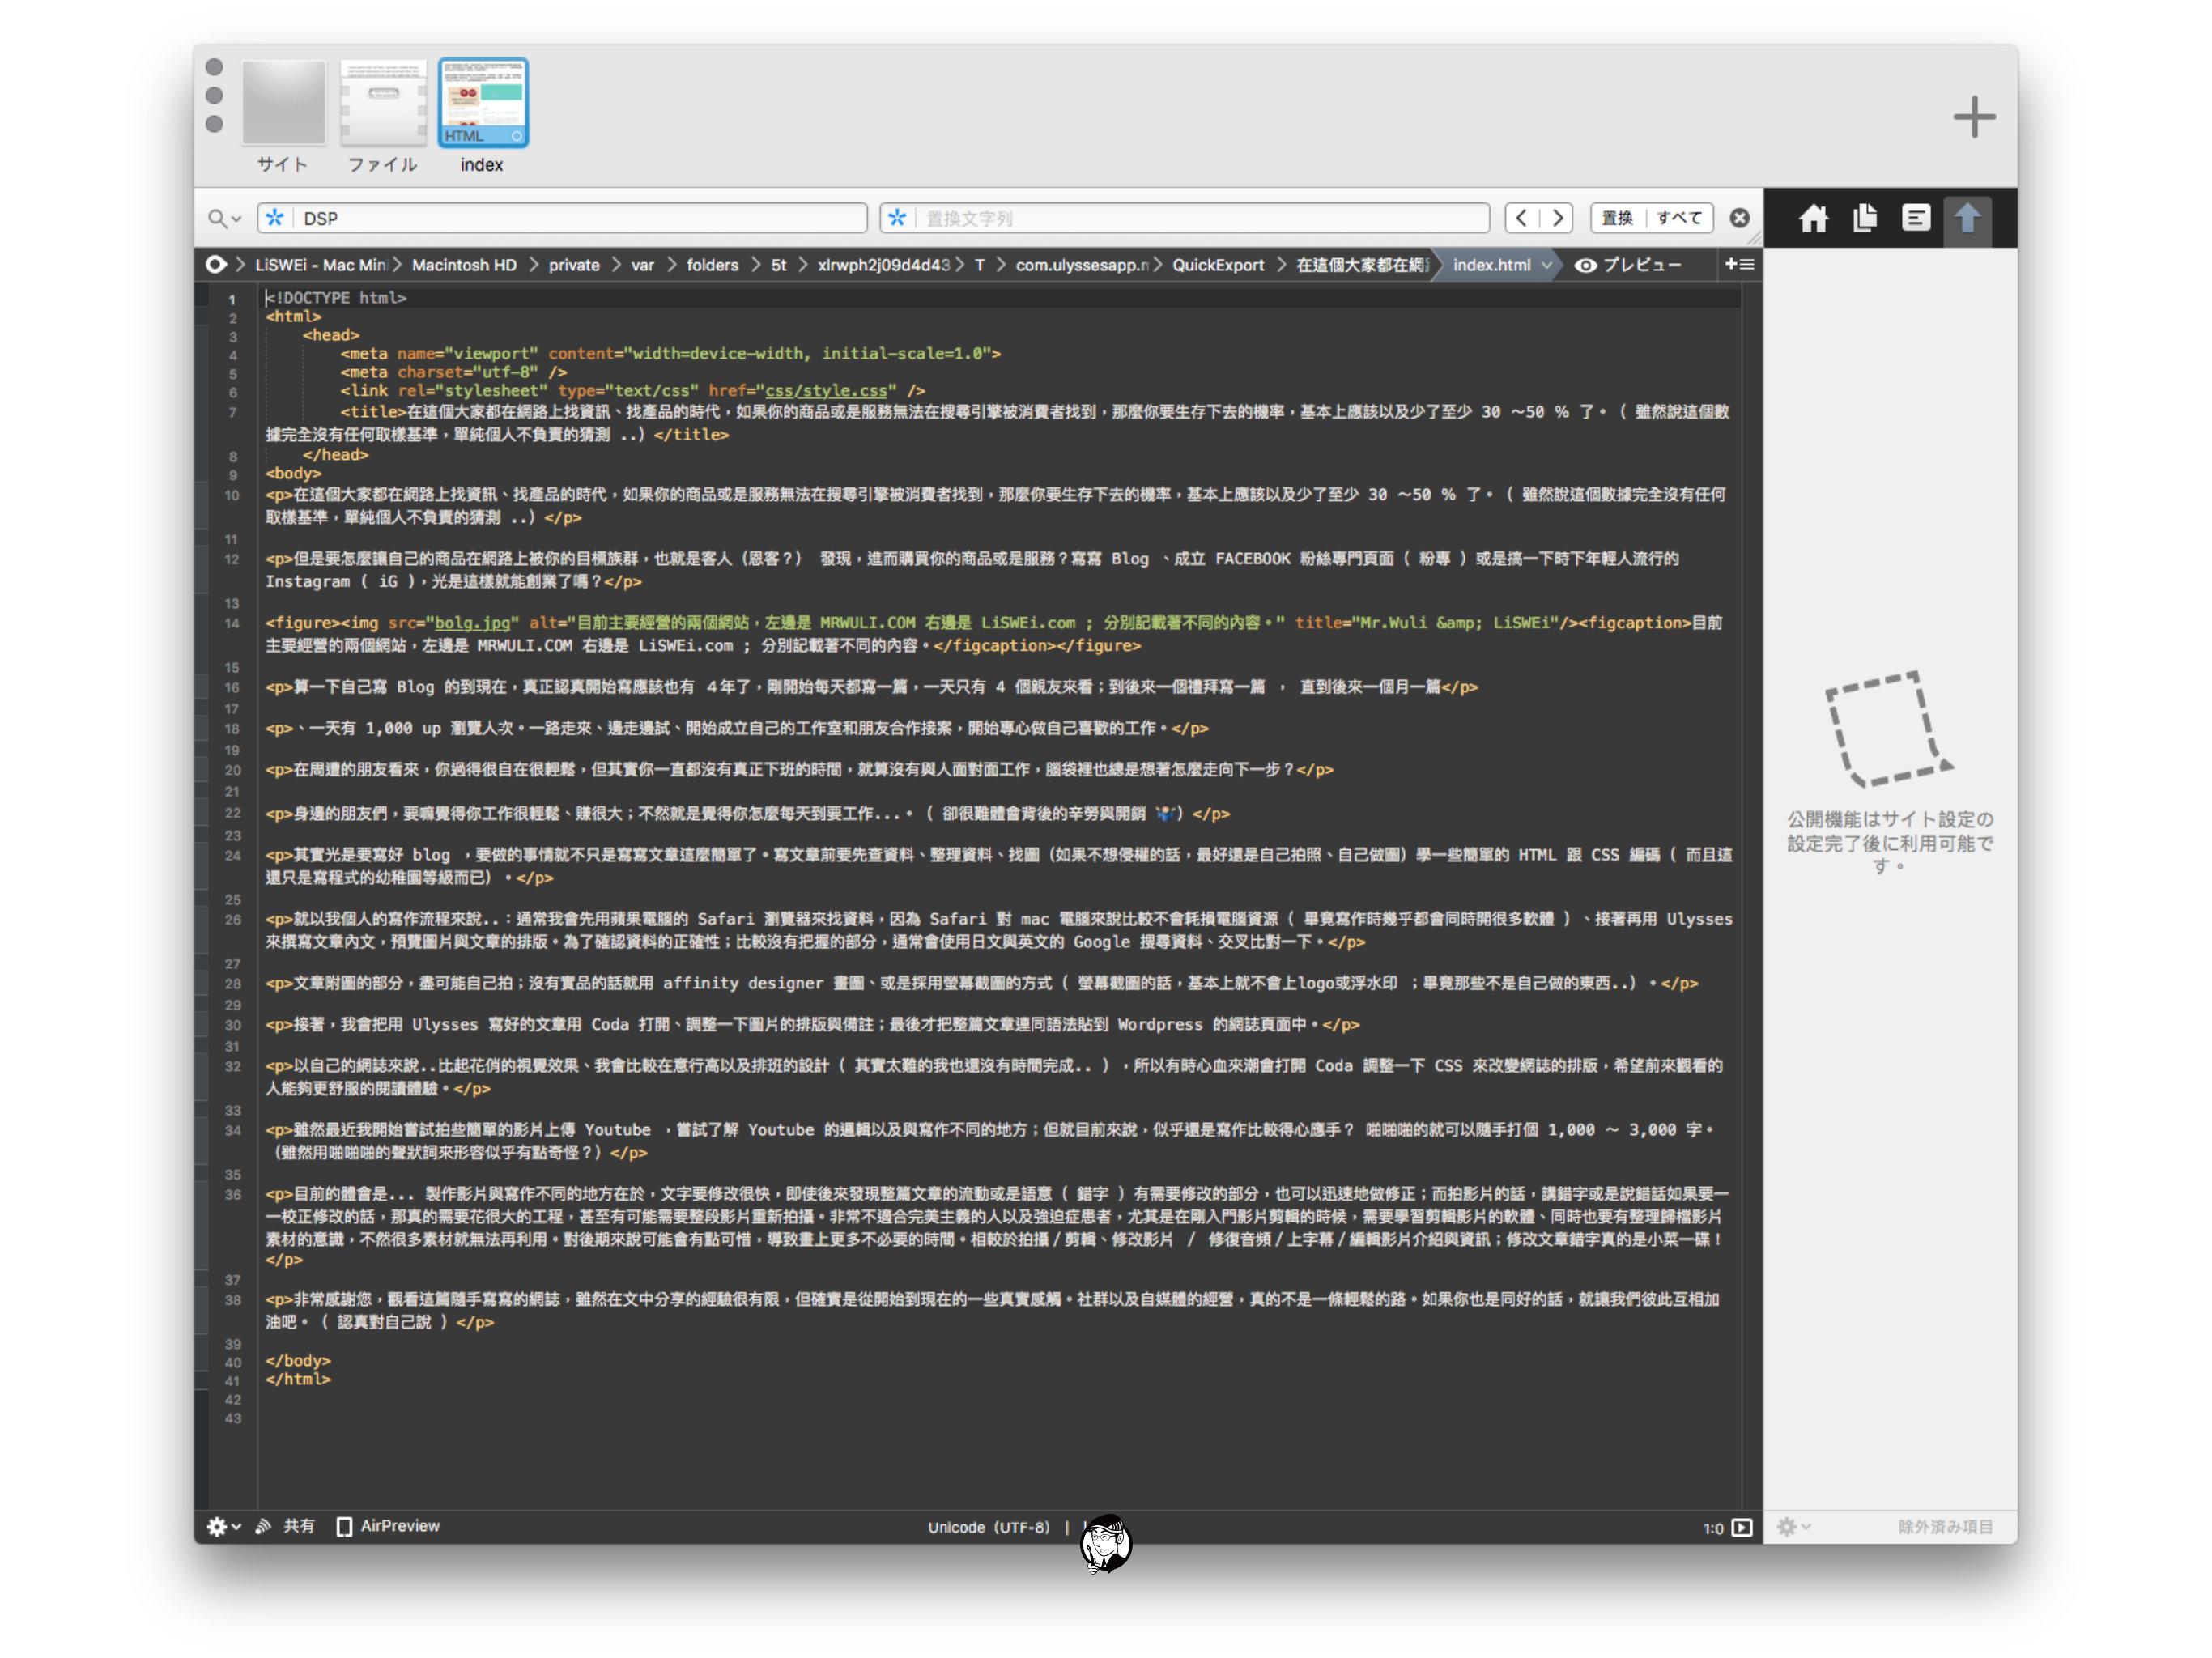 上圖為我在上傳 WordPress之前會使用的編碼軟體 Coda。目前使用的版本是 2.6.1